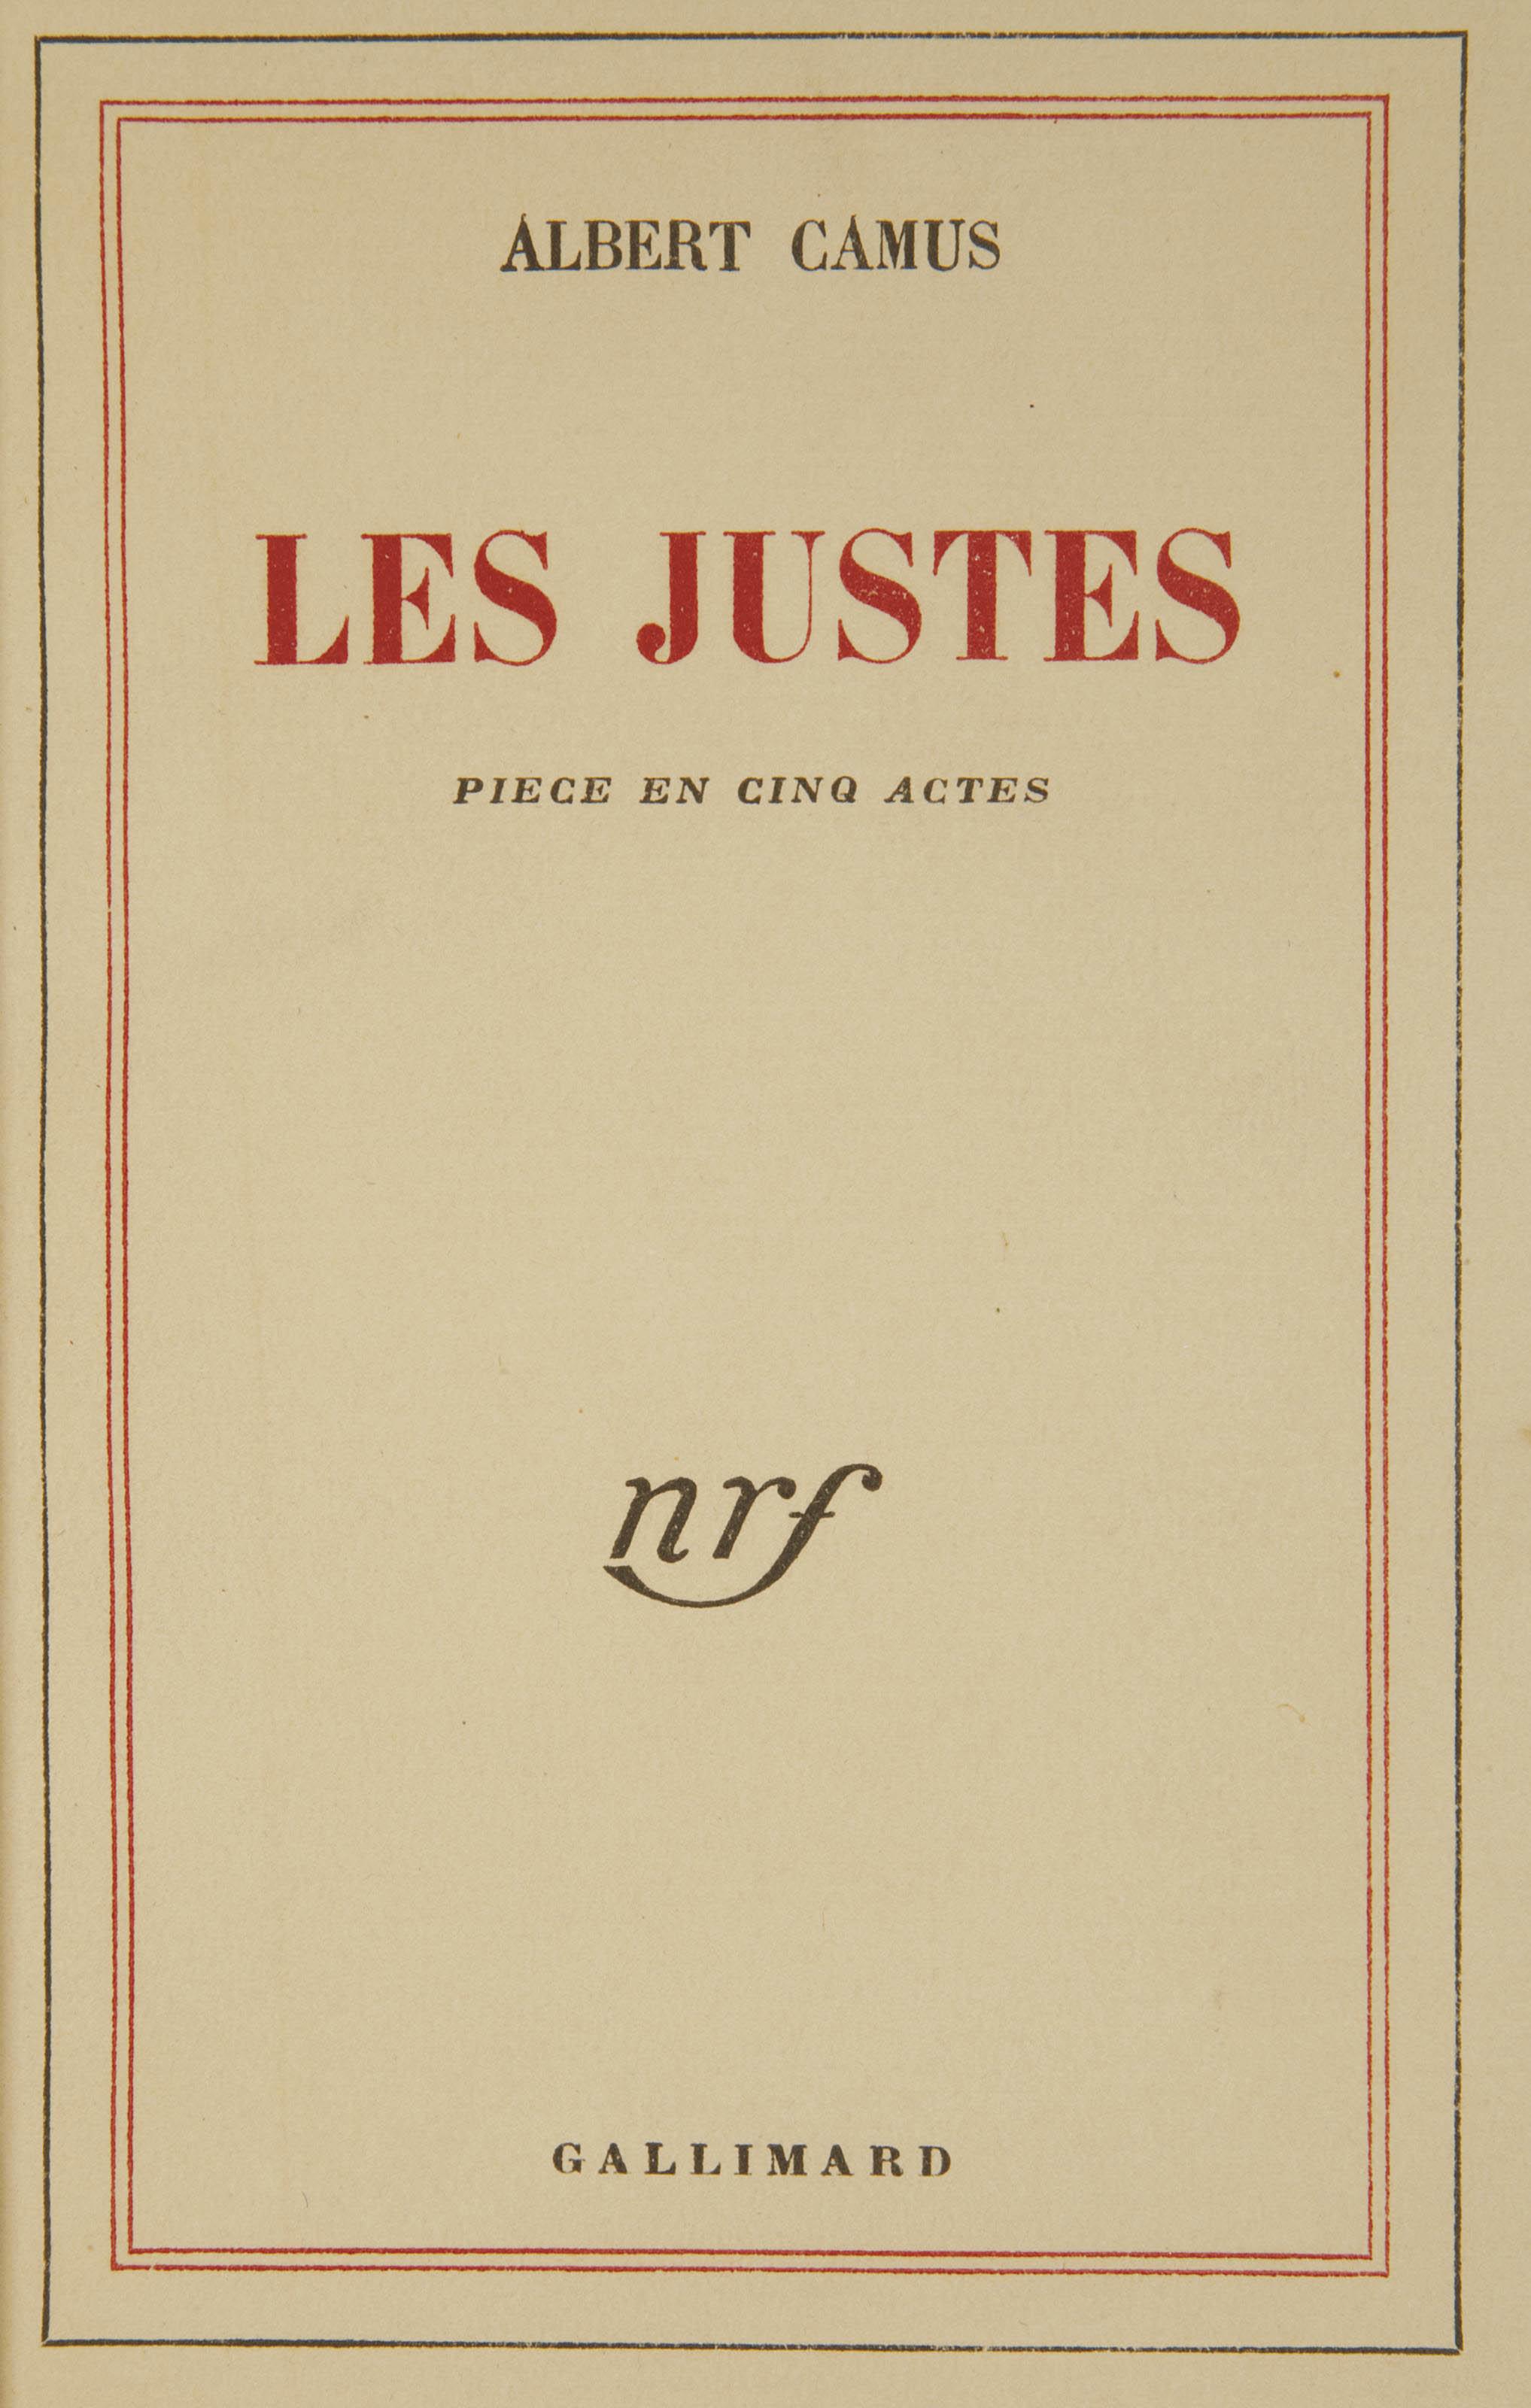 CAMUS, Albert (1913-1960). Les Justes. Pièce en cinq actes. Paris: NRF, 1950.